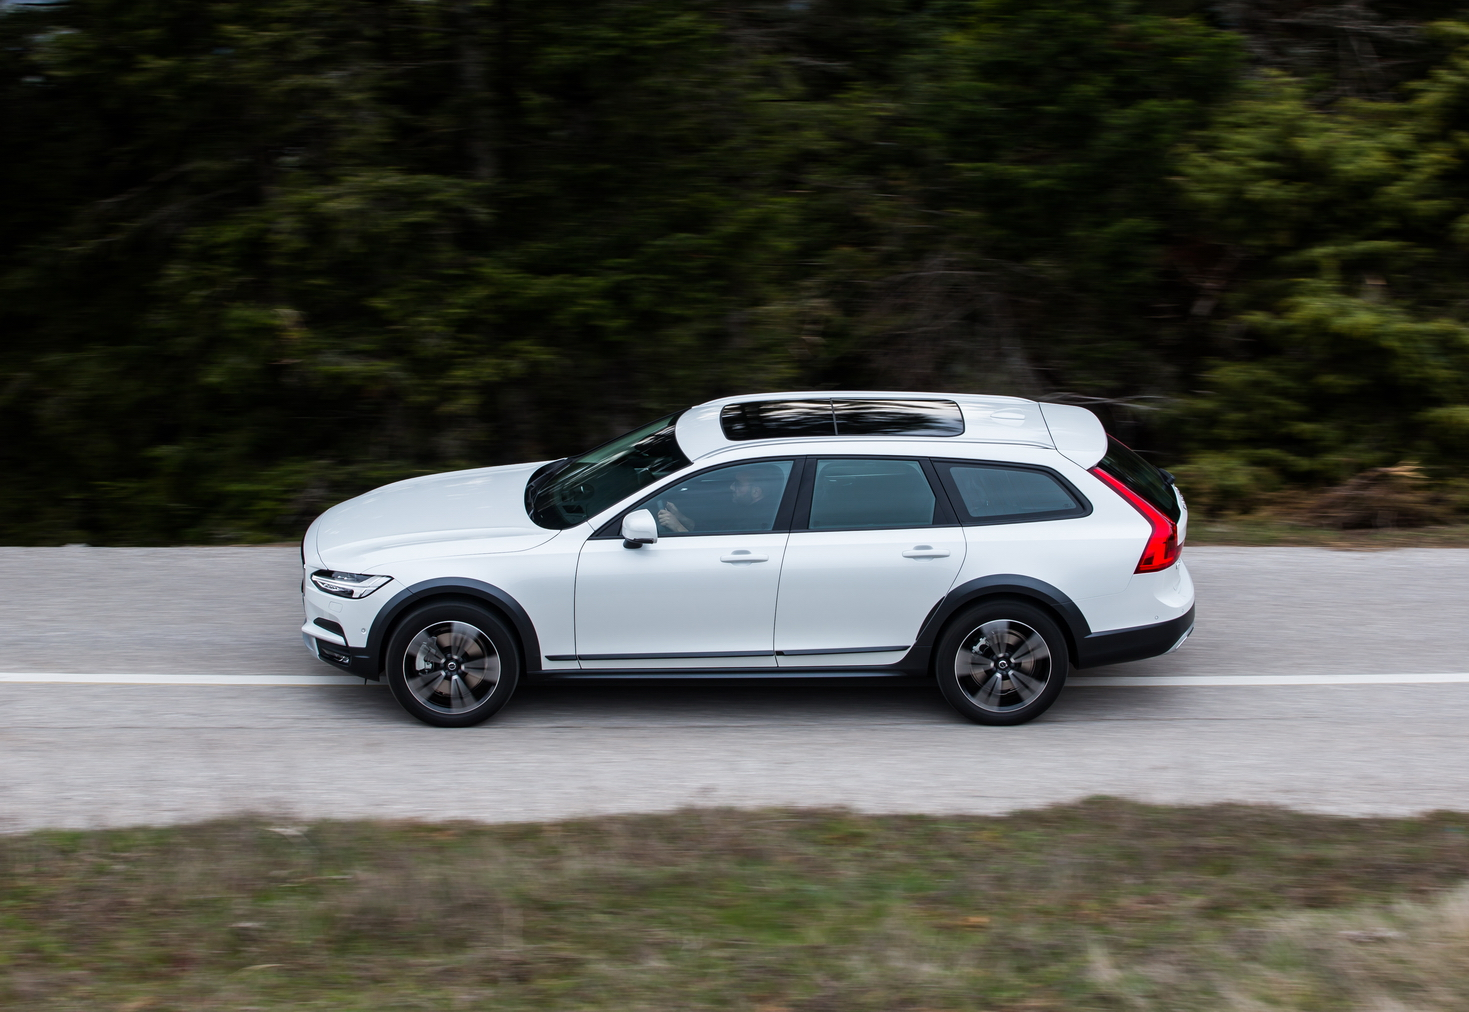 V902BCROSS2BCOUNTRY2B30 Το Volvo V90 Cross Country απευθύνεται σε ανήσυχους εξερευνητές της περιπέτειας! Crossover, Volvo, Volvo Car Hellas, Volvo Cars, Volvo V70 XC, Volvo V90 Cross Country, Volvo XC70